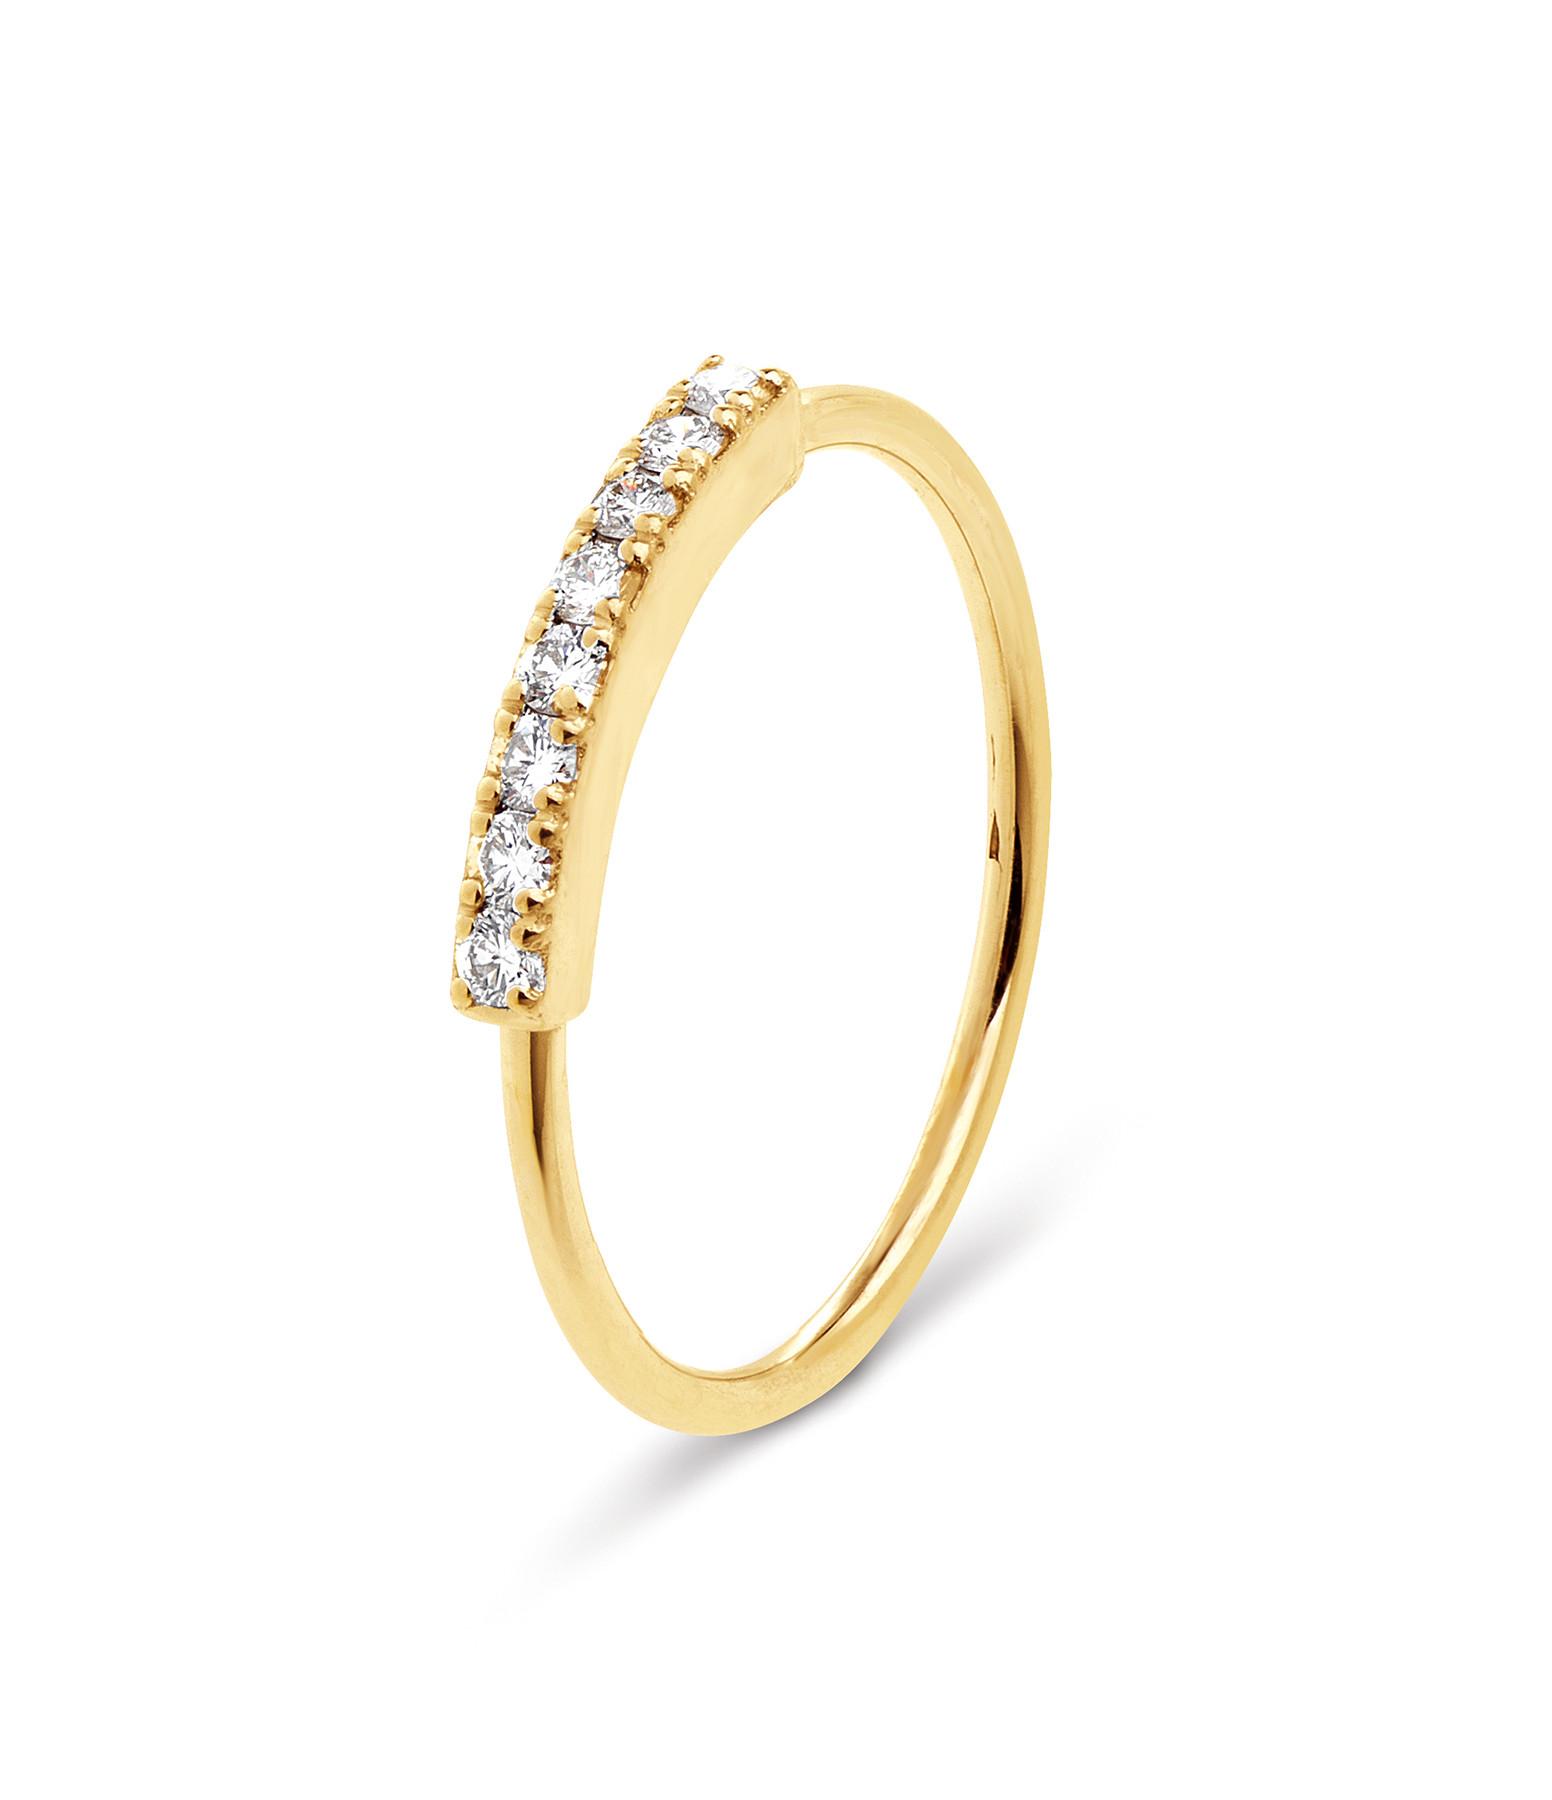 NAVA JOAILLERIE - Bague Demi-Alliance Hash Diamants Or Jaune